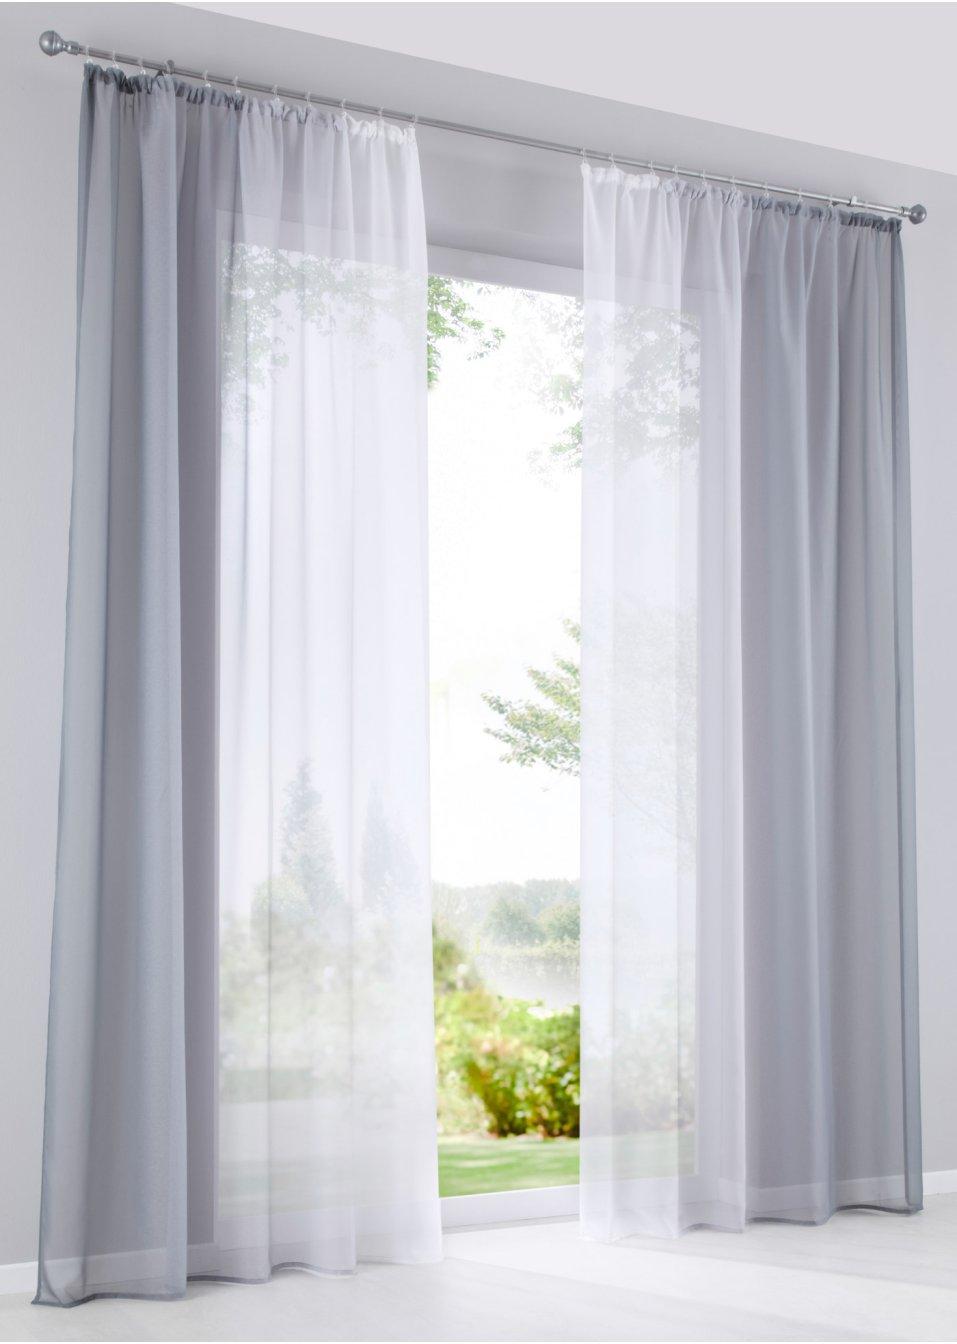 Full Size of Farblicher Hingucker Fr Dein Fenster Grau Vorhänge Wohnzimmer Bonprix Betten Schlafzimmer Küche Wohnzimmer Bon Prix Vorhänge